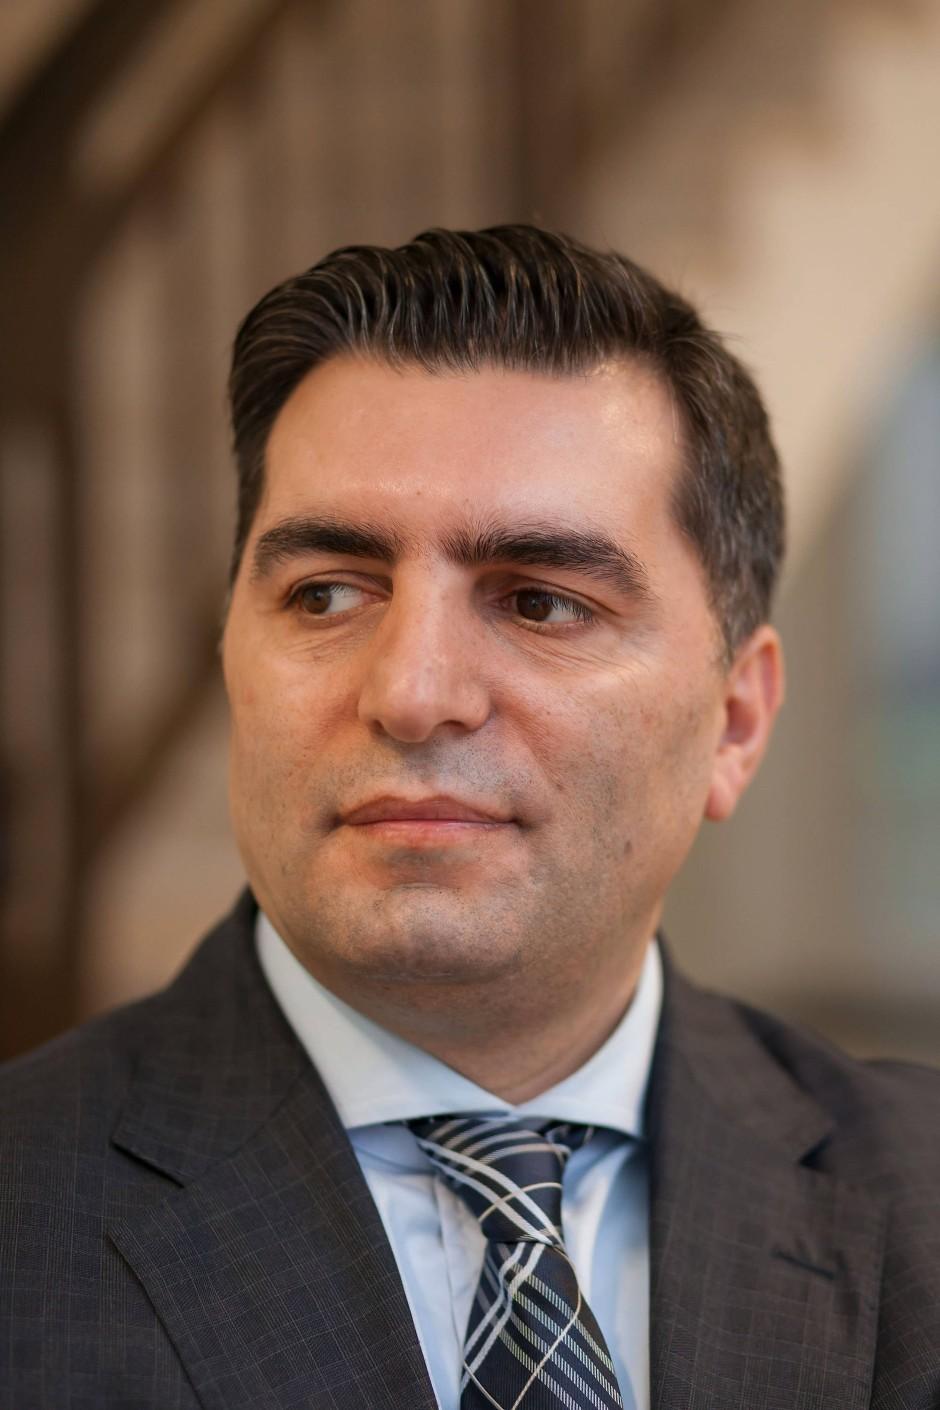 """Bülent Güven lernte kürzlich Deniz Yücel kennen. Die Verhaftung kritisiert er, trotzdem wird er für """"Ja"""" stimmen."""